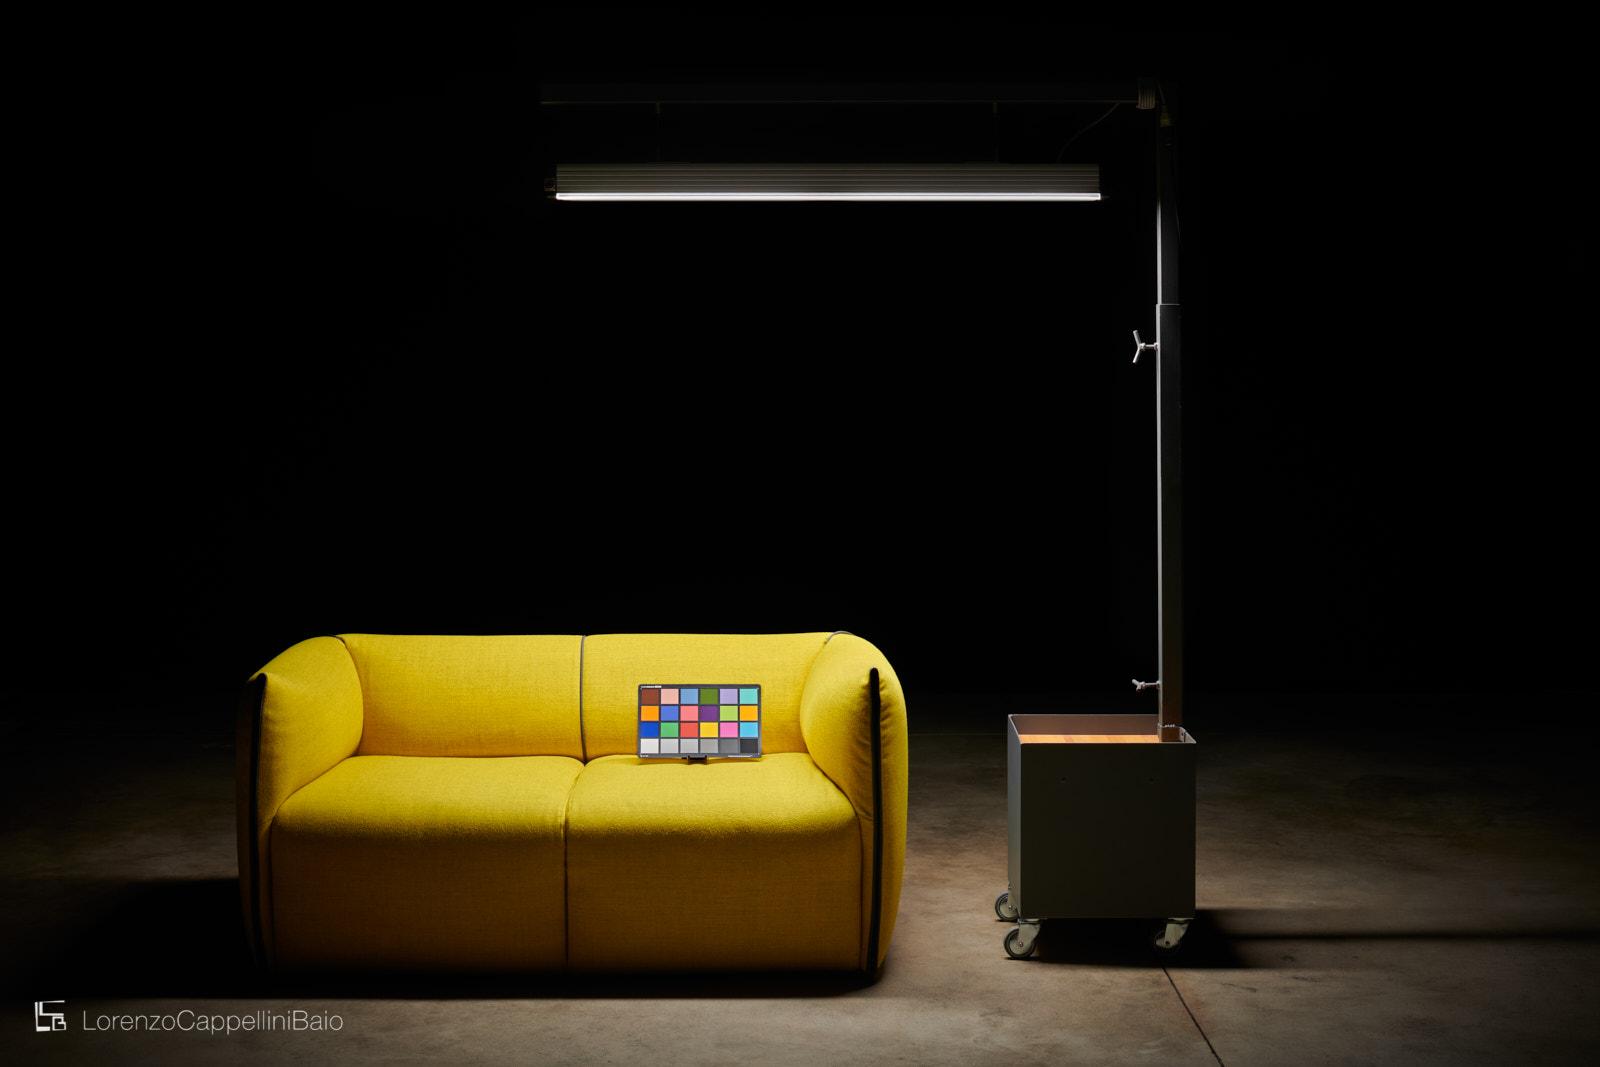 La luce normalizzata a disposizione dello studio per la corretta valutazione dei colori | LCBstudio